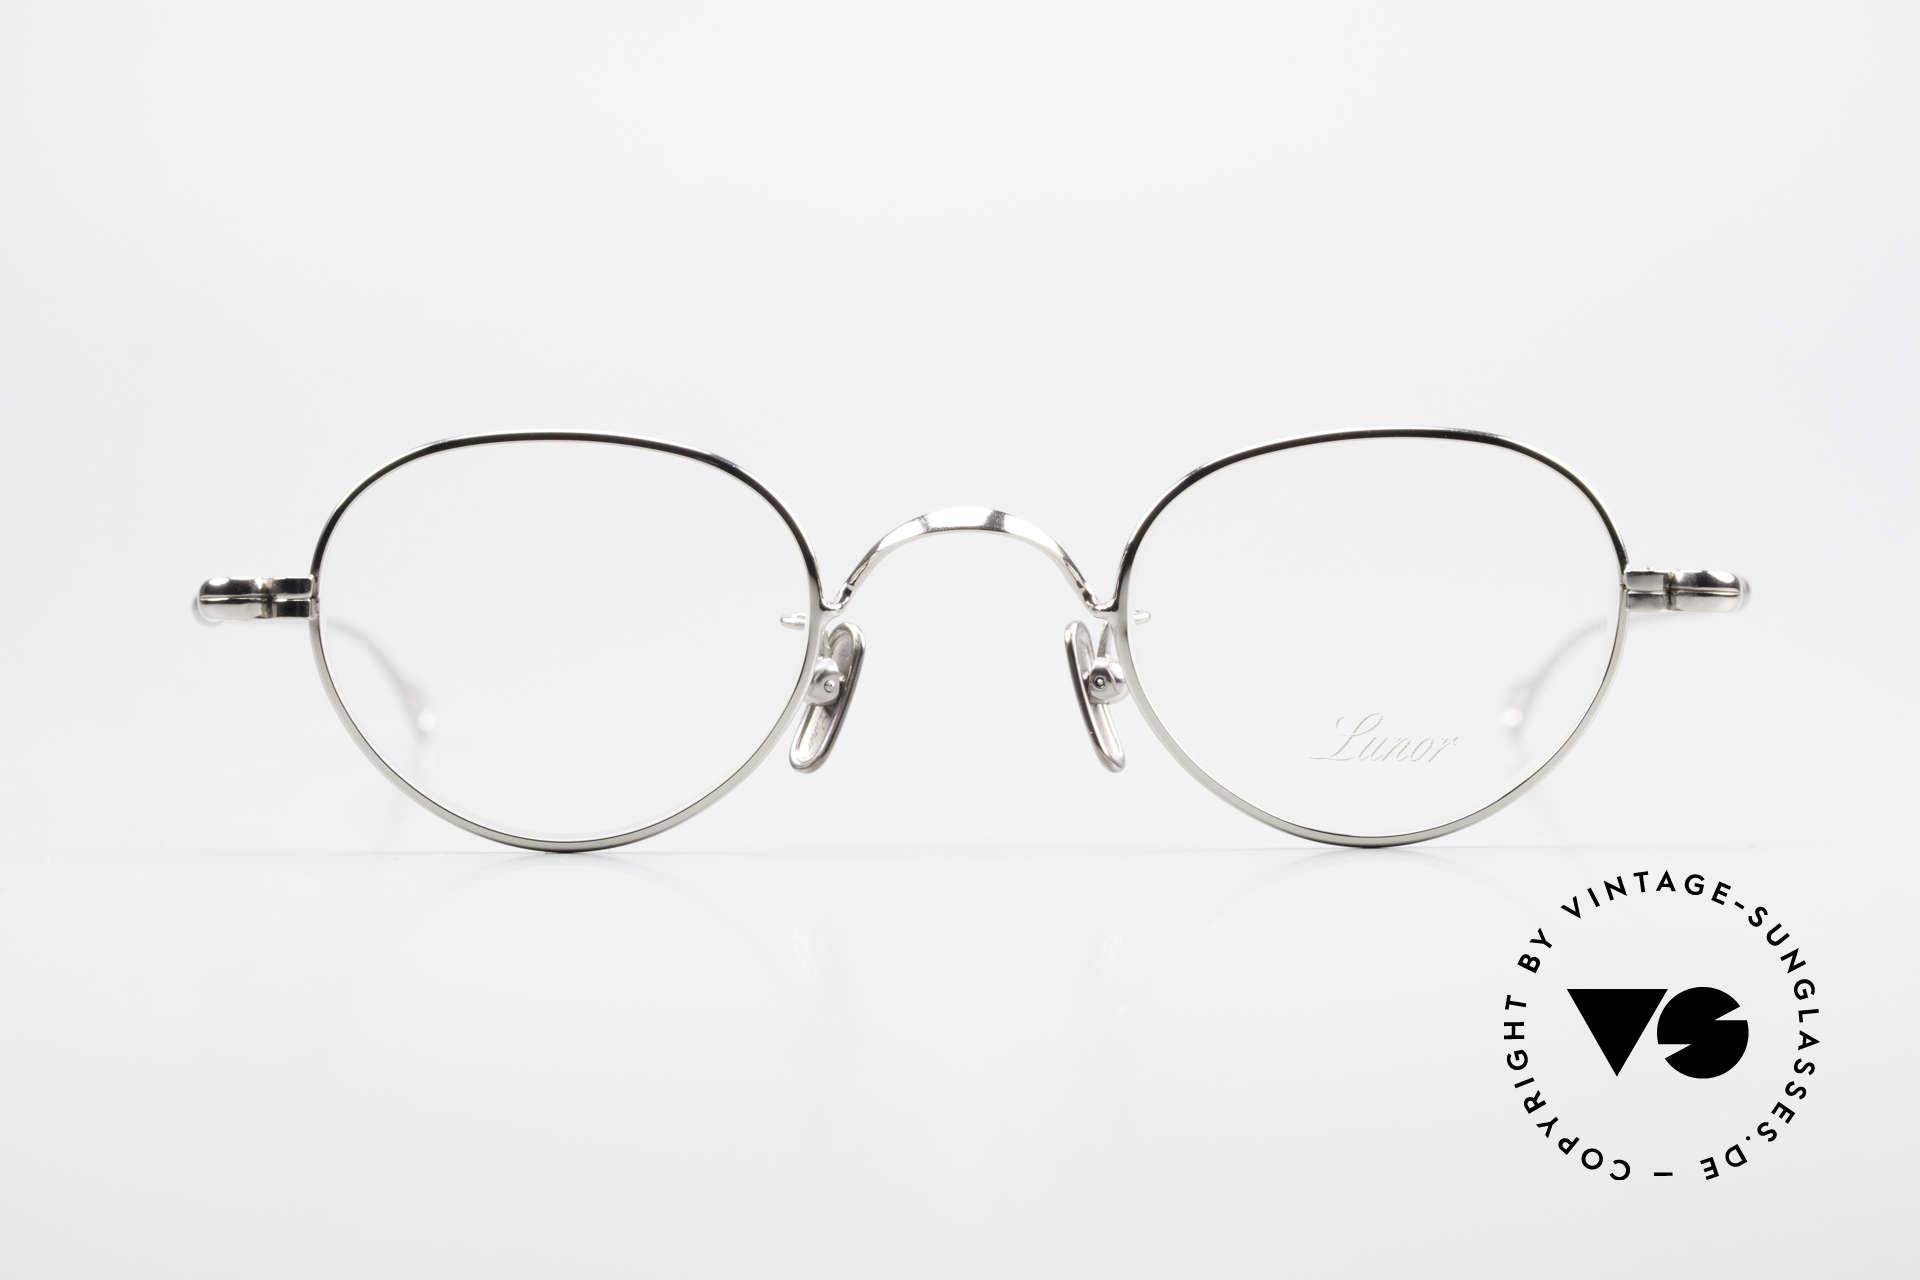 Lunor V 103 Zeitlose Lunor Brille Platin, ohne große Logos; stattdessen mit zeitloser Eleganz, Passend für Herren und Damen